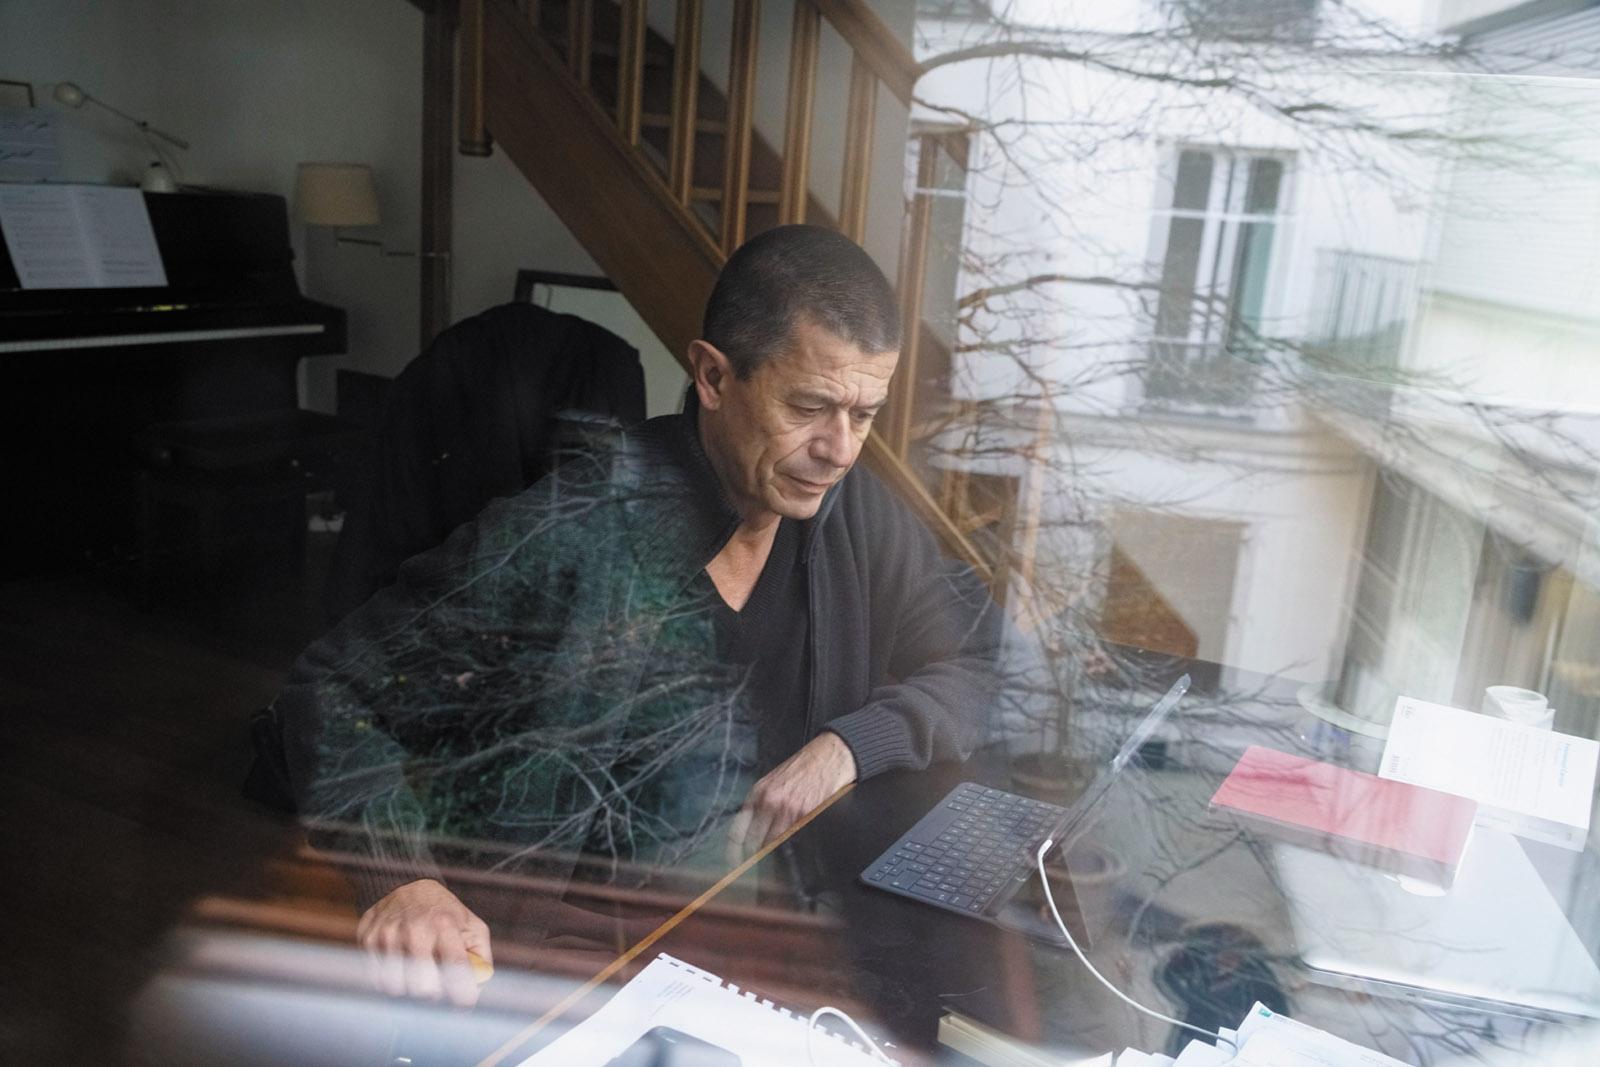 Emmanuel Carrère, Paris, January 2017